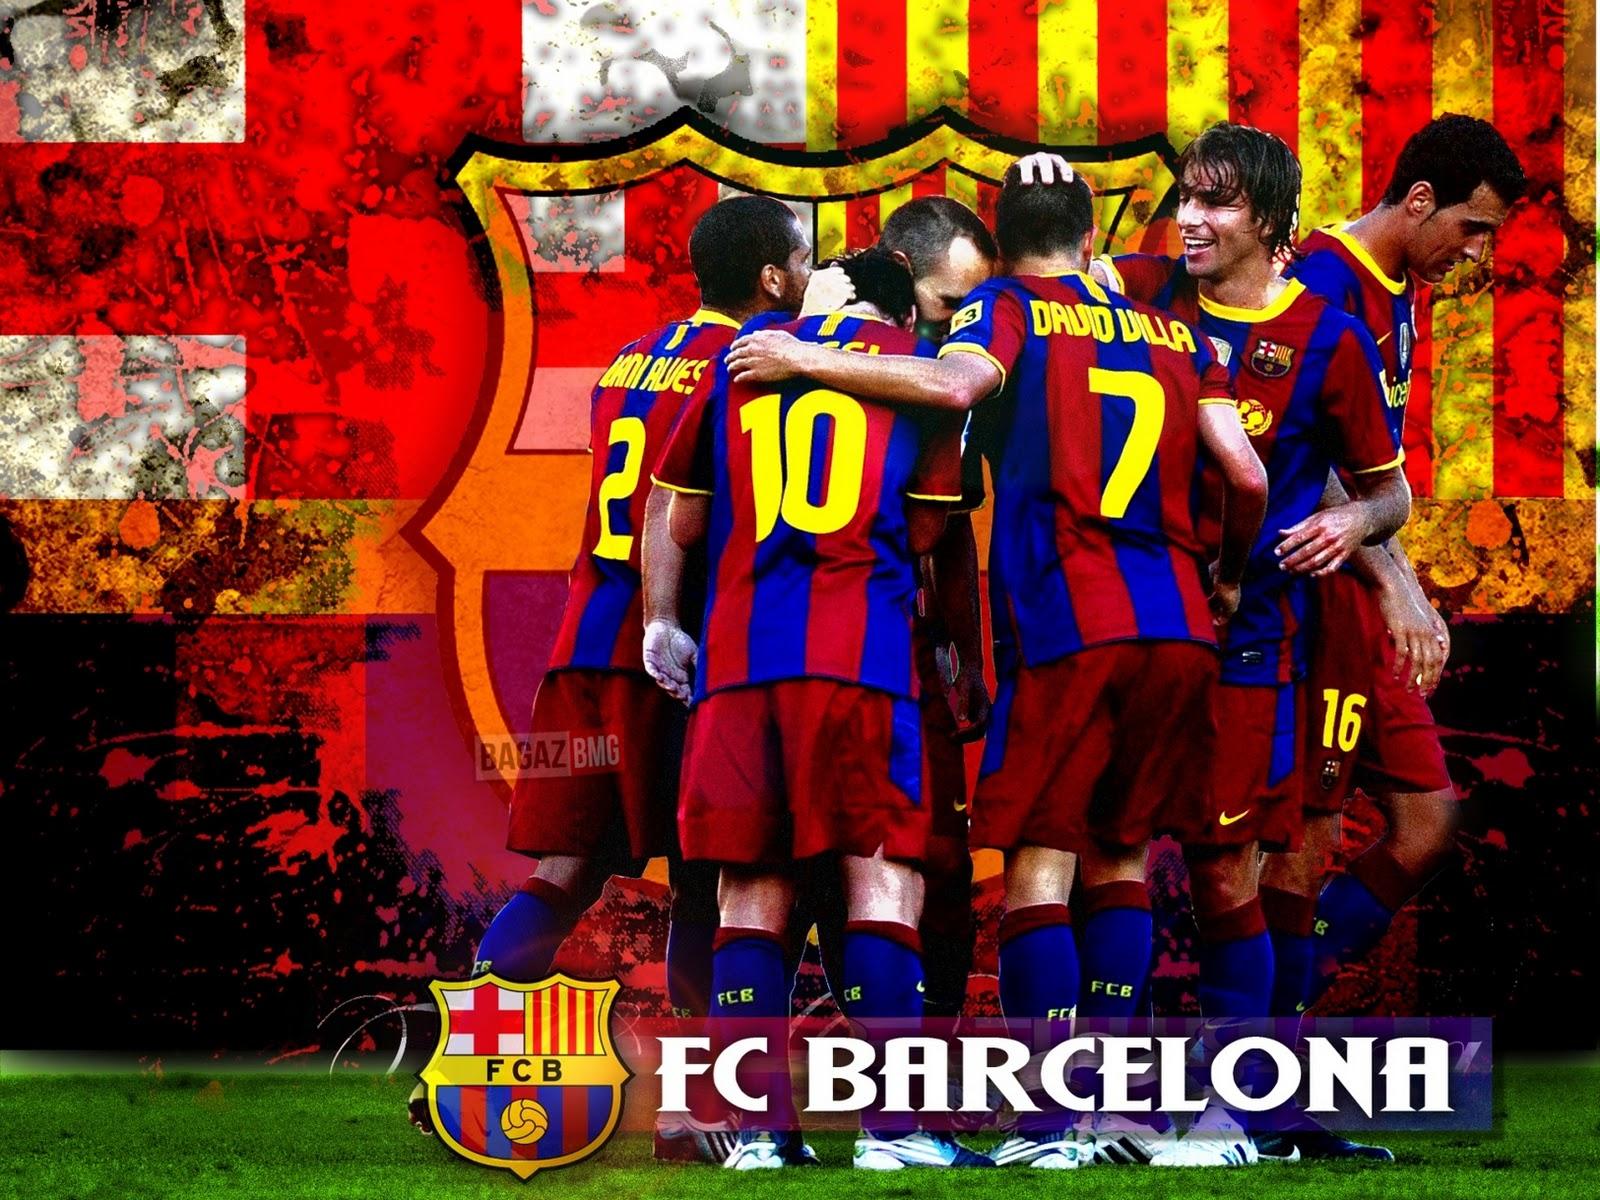 bkt barca%2B%2525283%252529 Barcelona Takımının Güzel HD Masaüstü Resimleri